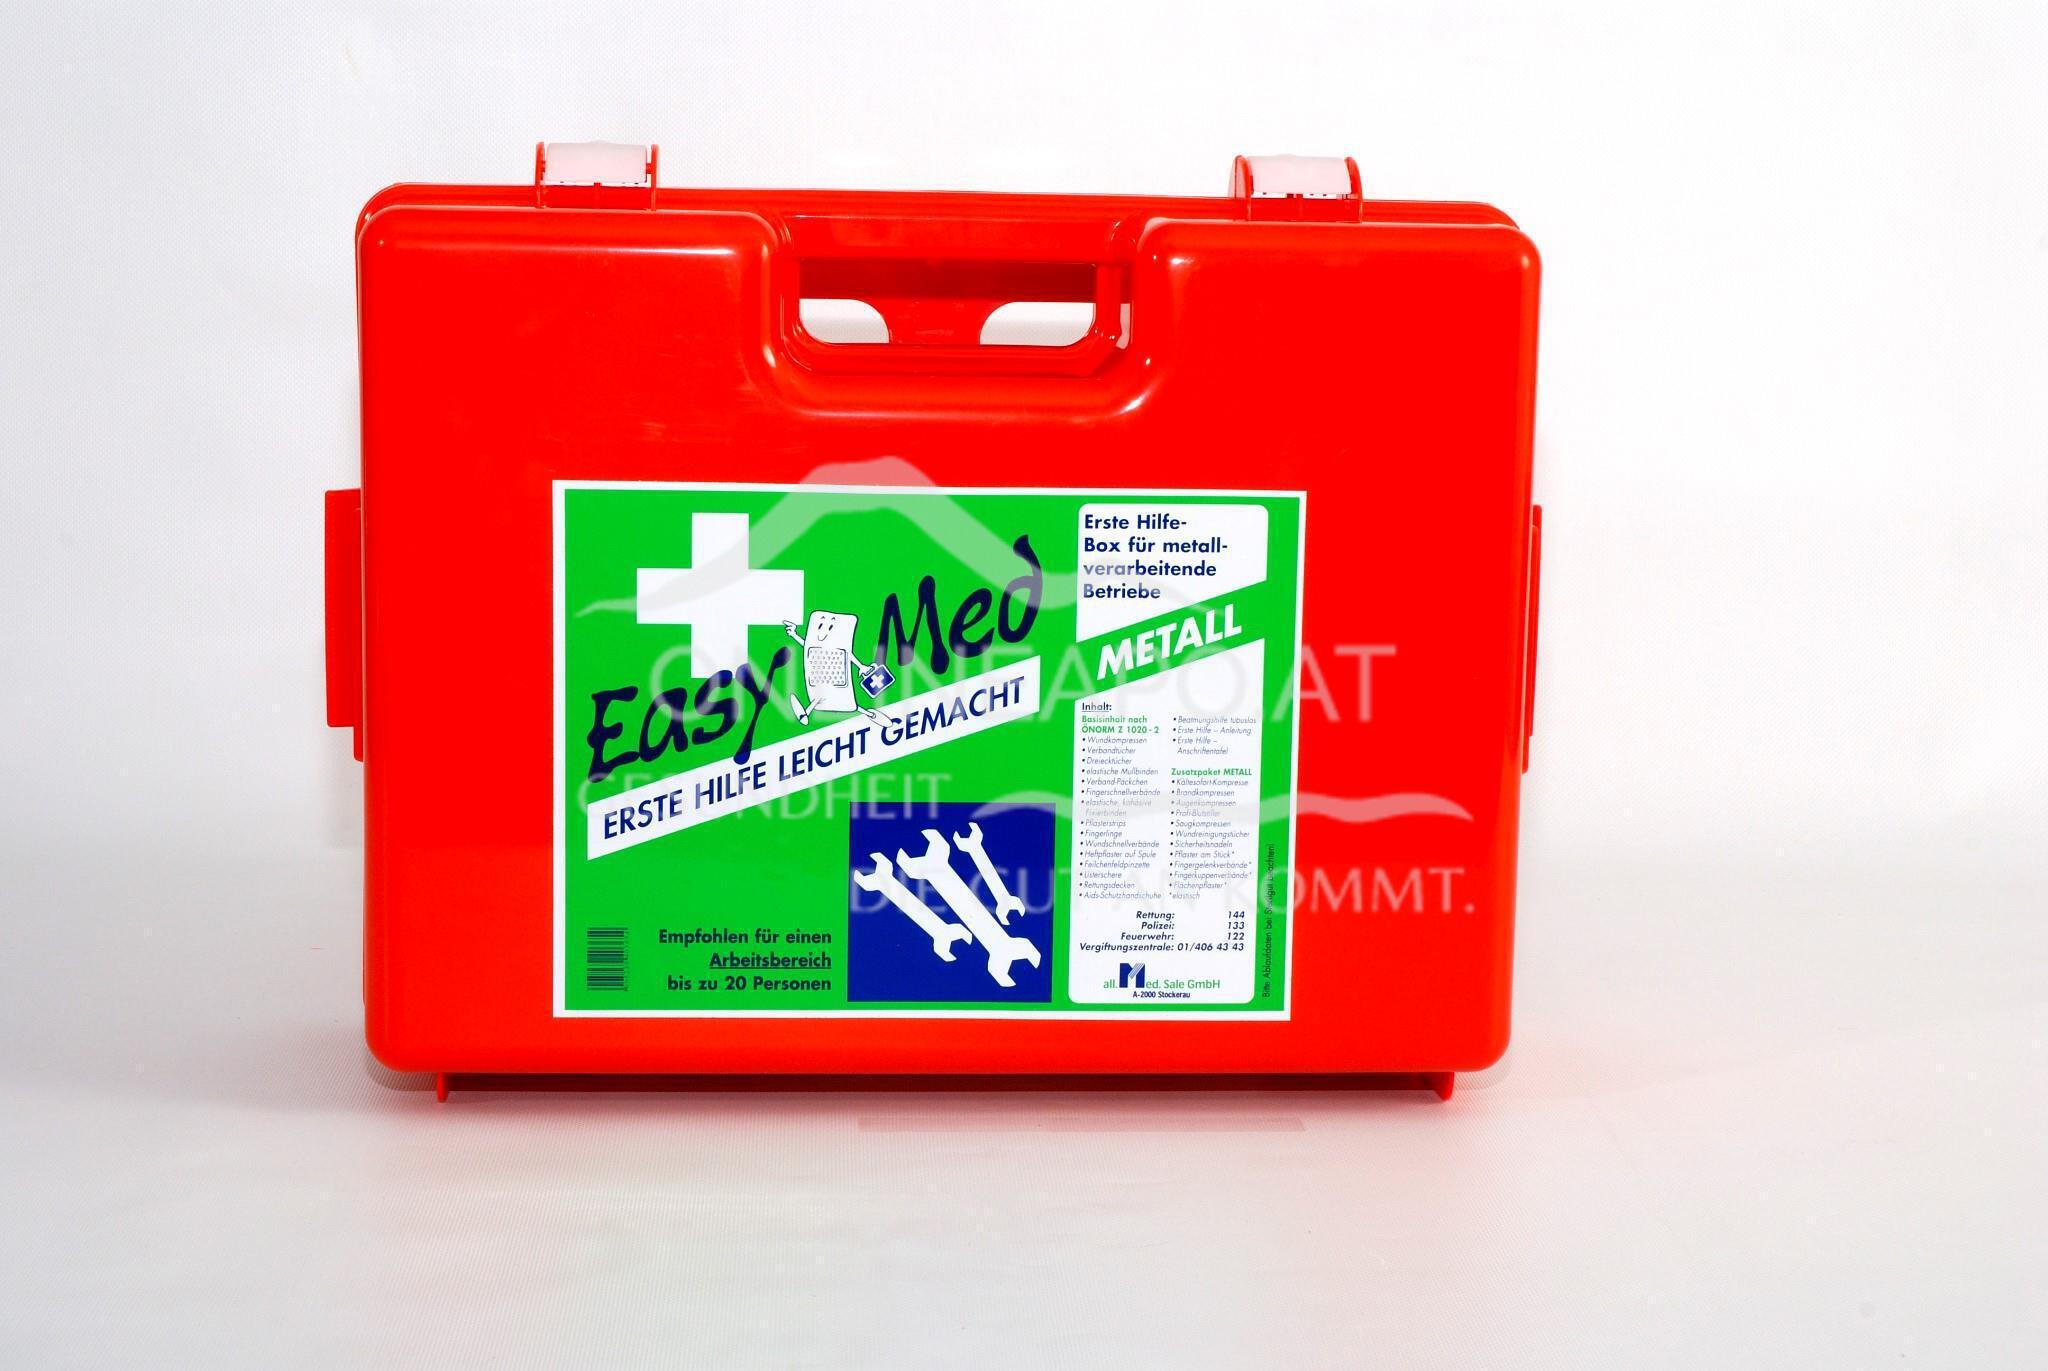 EasyMedErste Hilfe Kasten Metall Type 2